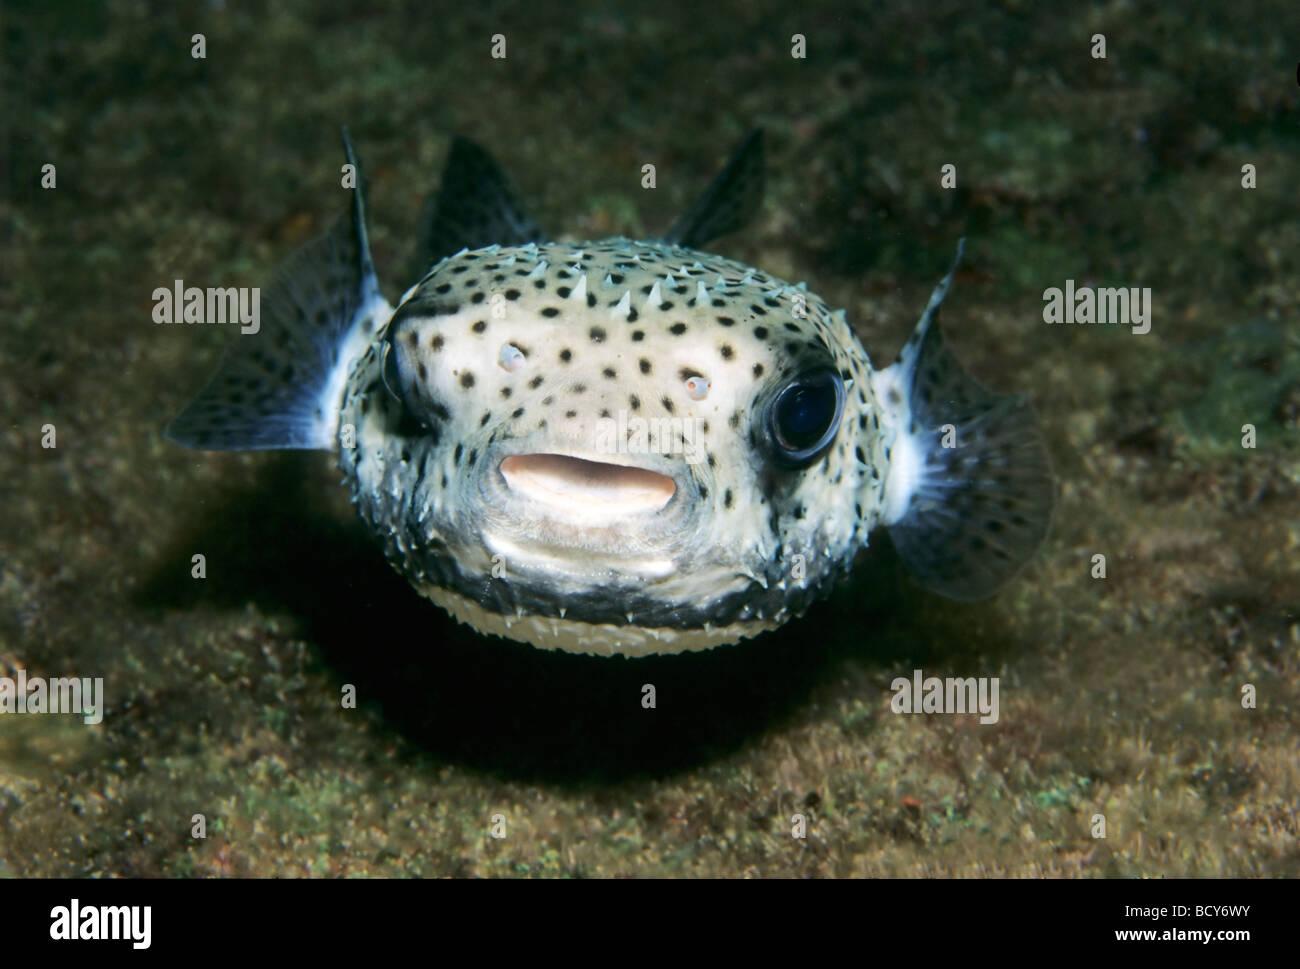 Spot-Fin Igelfischen (Diodon Hystrix), frontal, Similan Islands, Andamanensee, Thailand, Asien, Indischer Ozean Stockbild